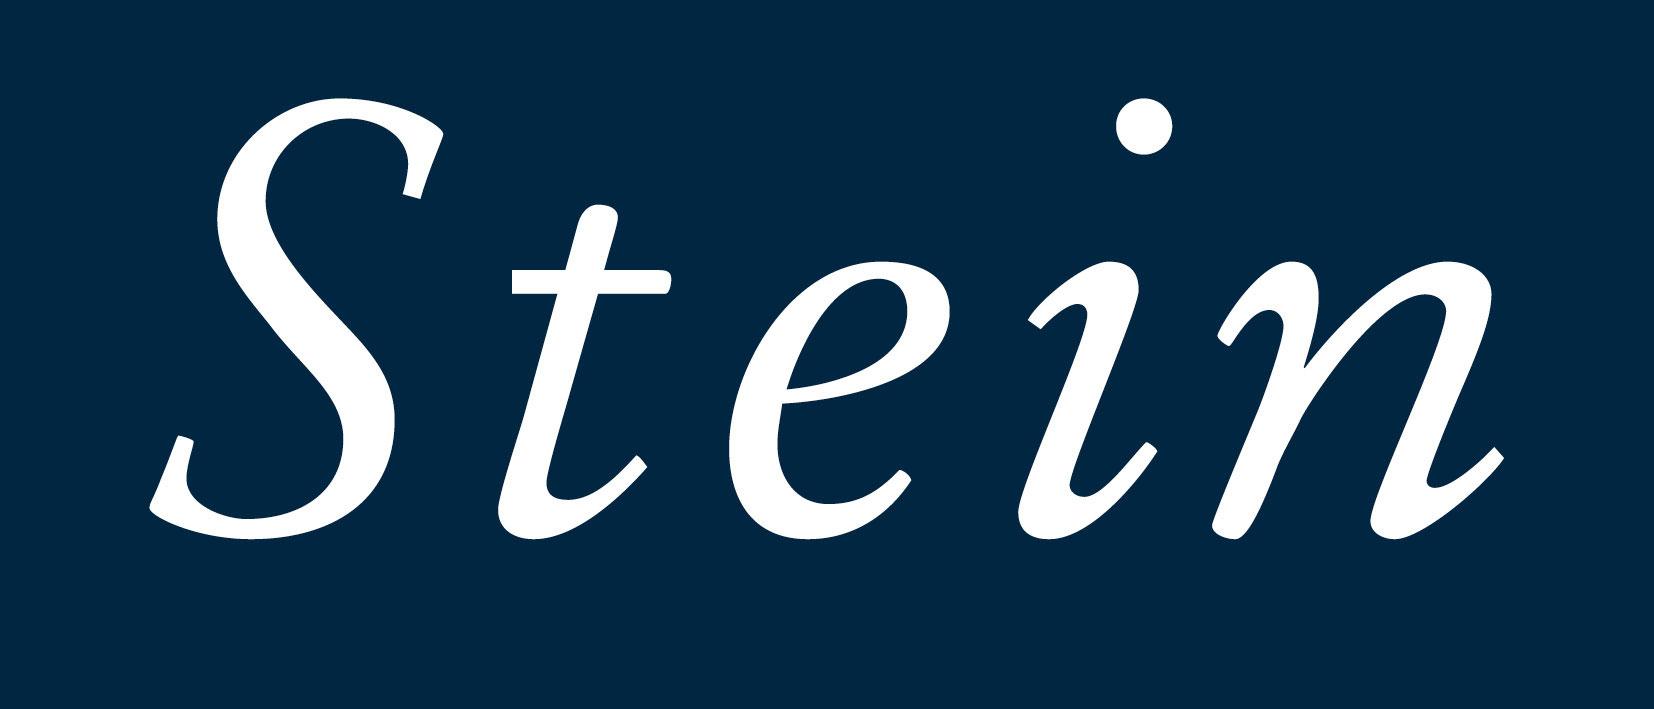 STEINWEIN